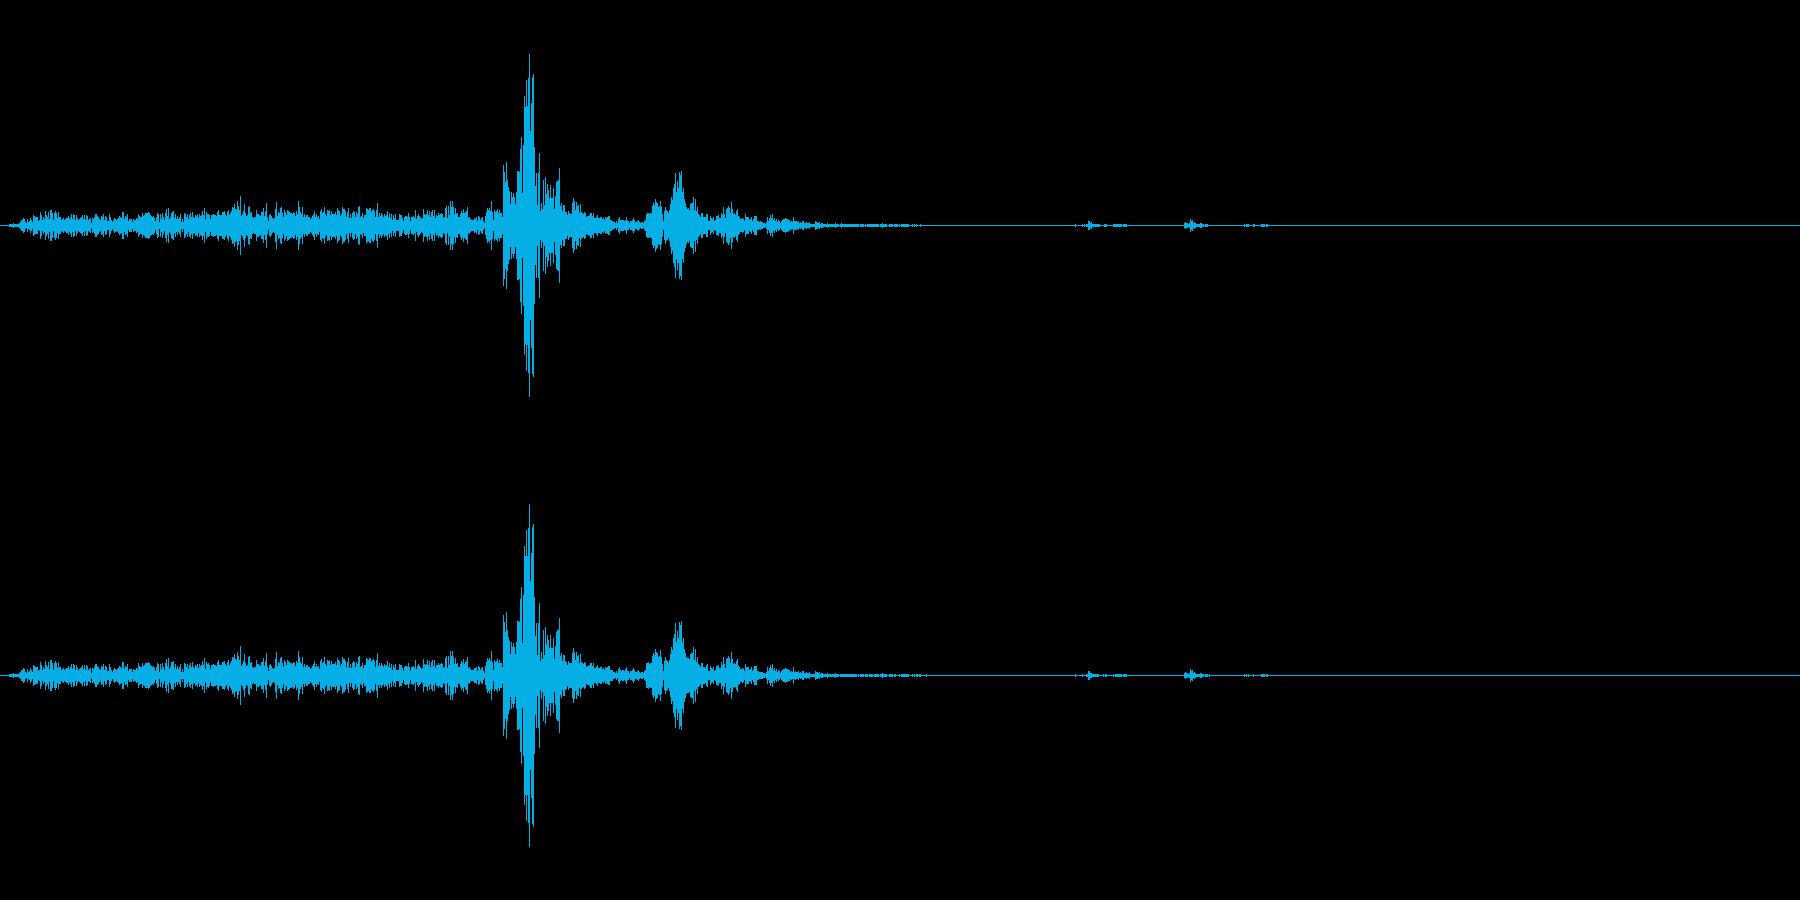 装備/銃・ライフル/FPS/リロード_2の再生済みの波形